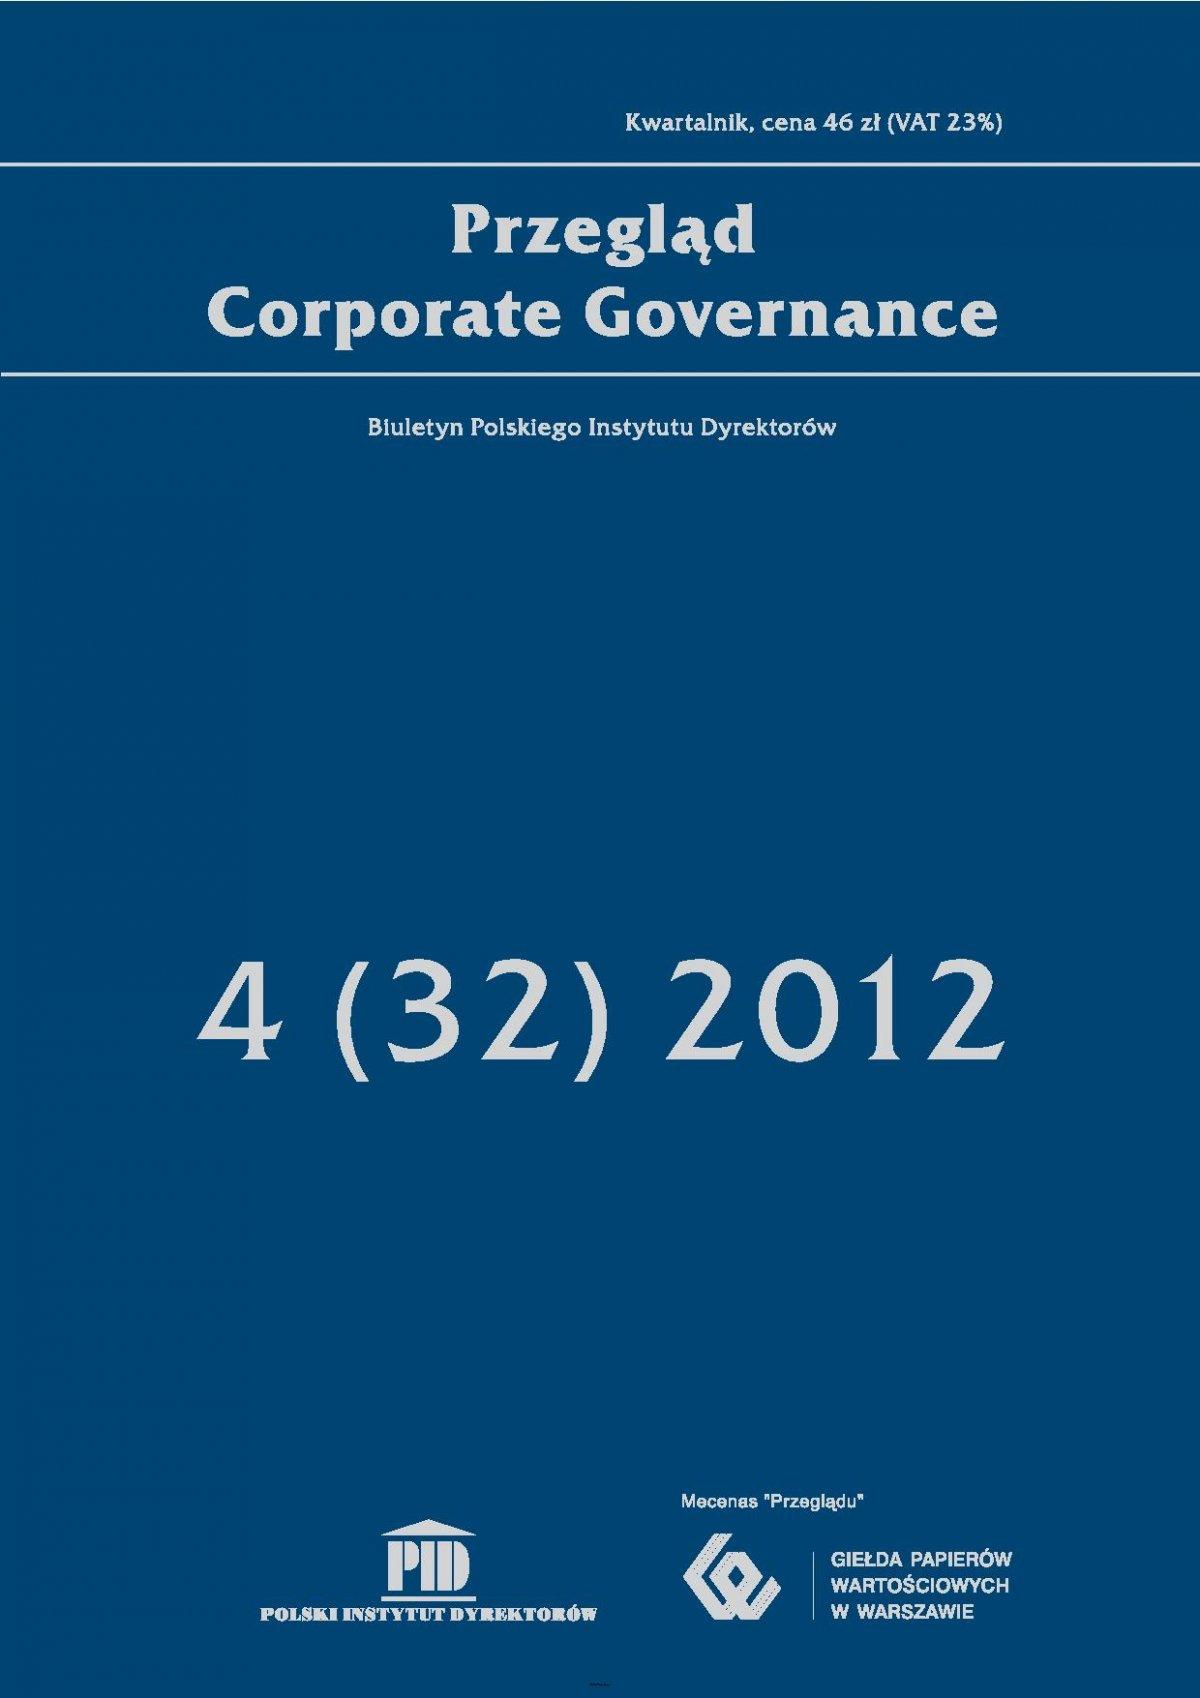 Przegląd Corporate Governance 4 (32) 2012 - Ebook (Książka PDF) do pobrania w formacie PDF